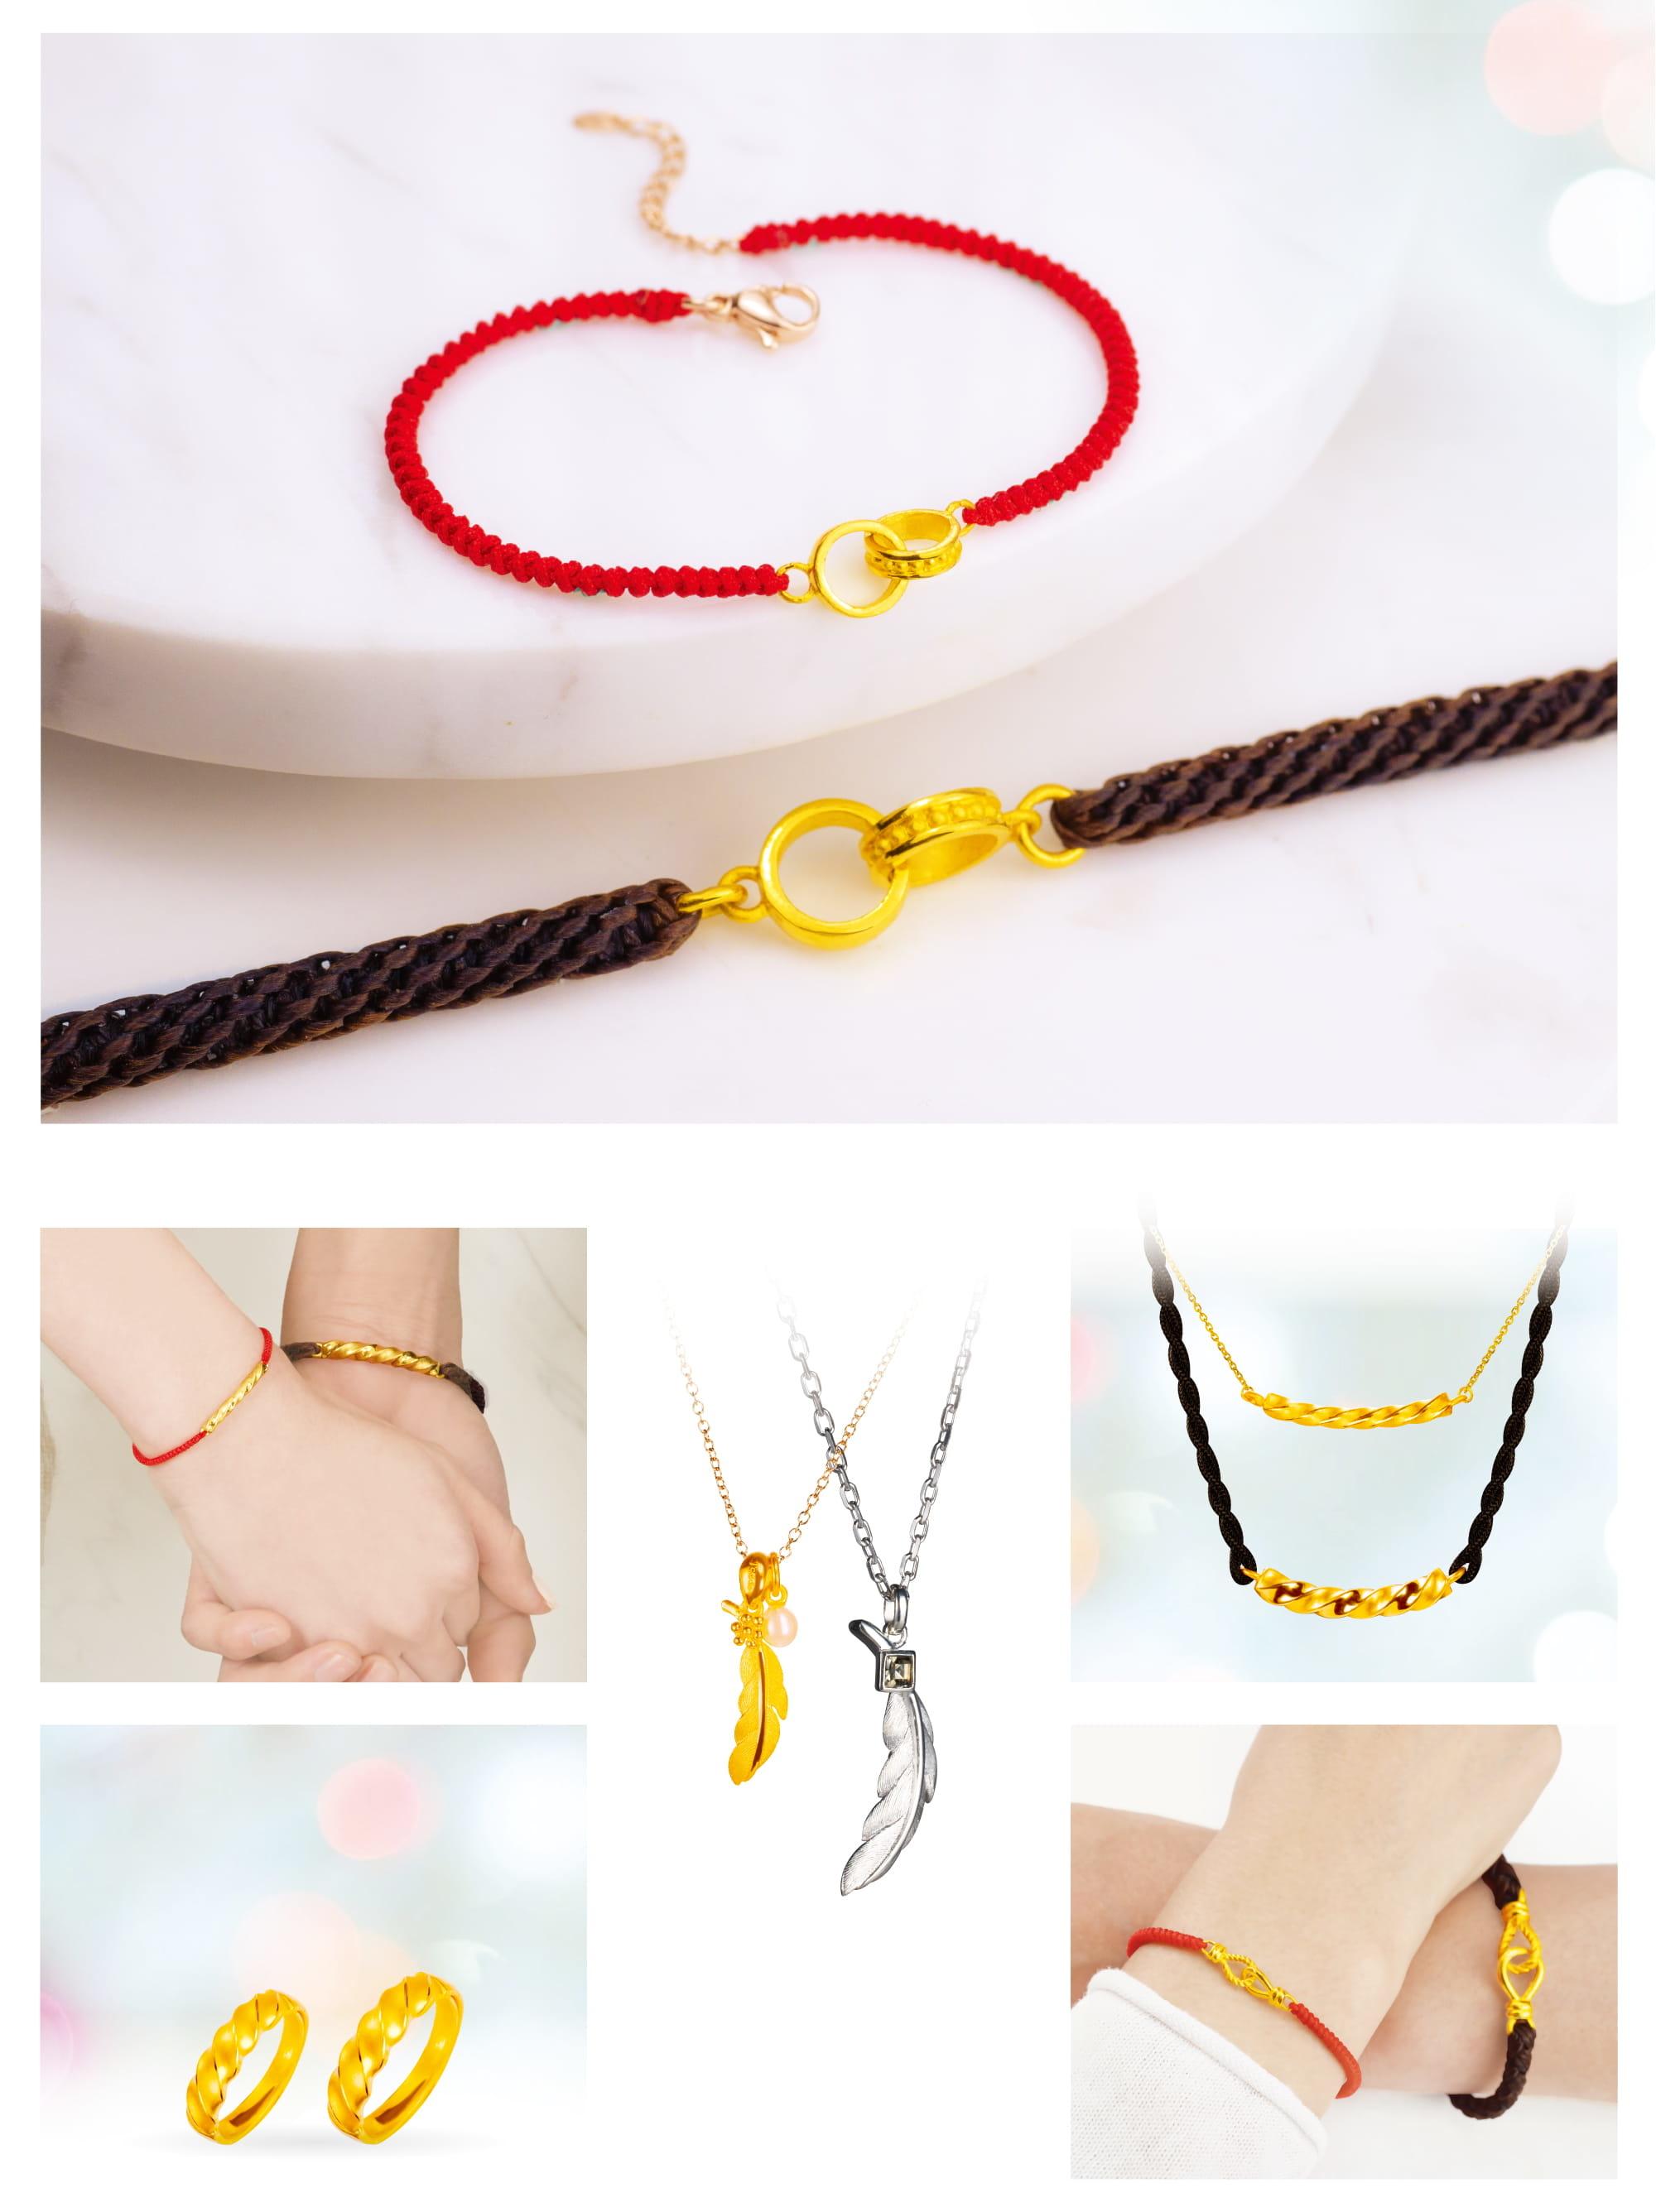 金飾情侶對鍊,黃金情侶對鍊,對鍊,情侶金手鍊,情侶金項鍊